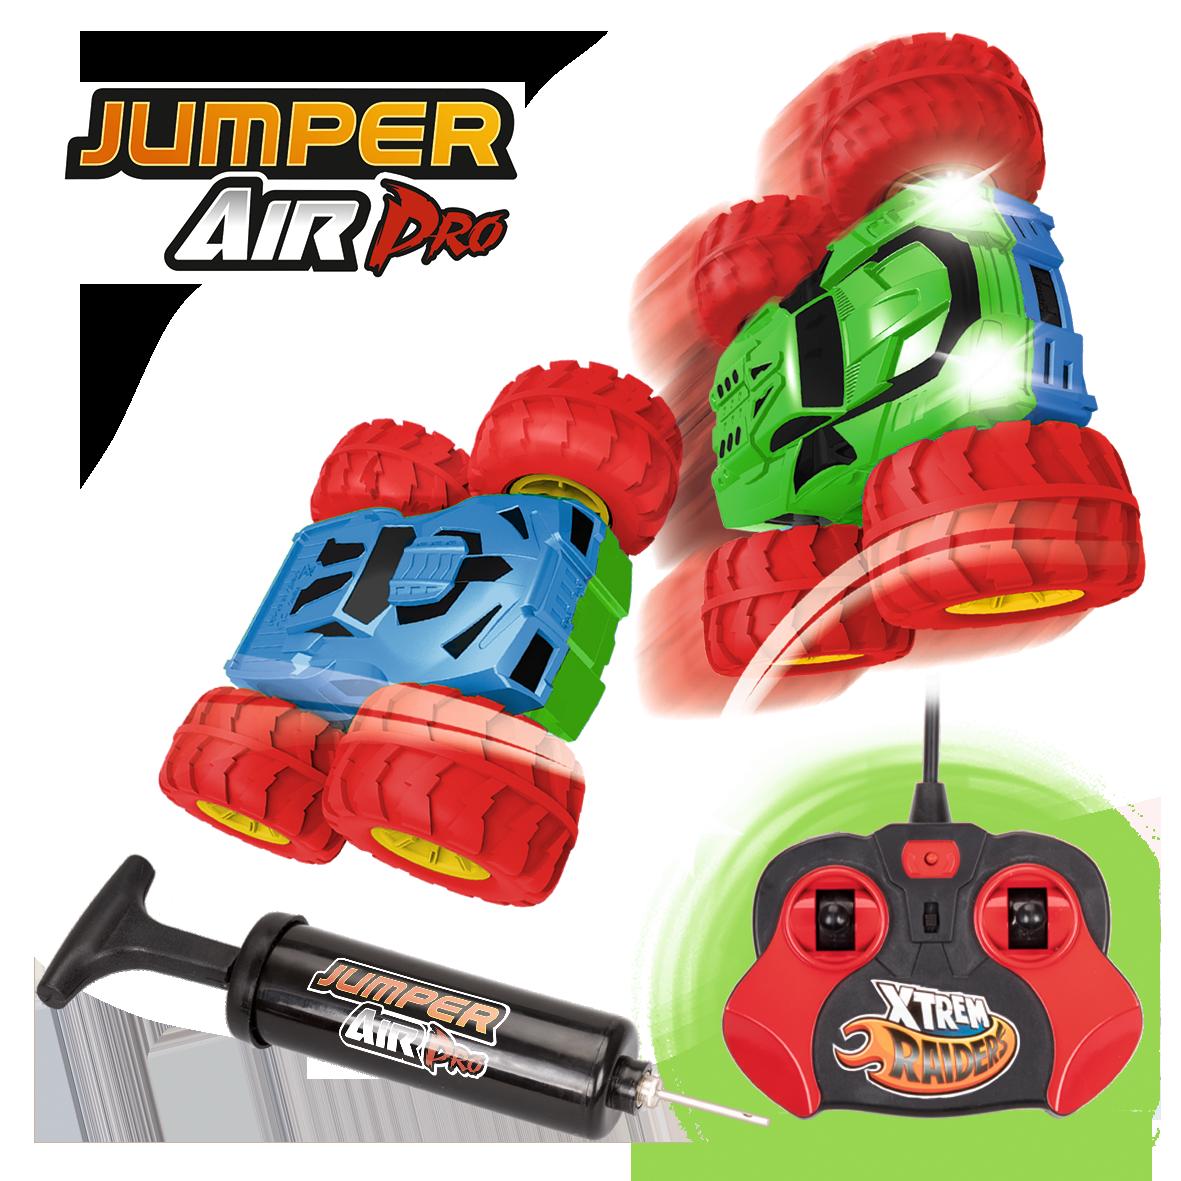 Jumper Air Pro